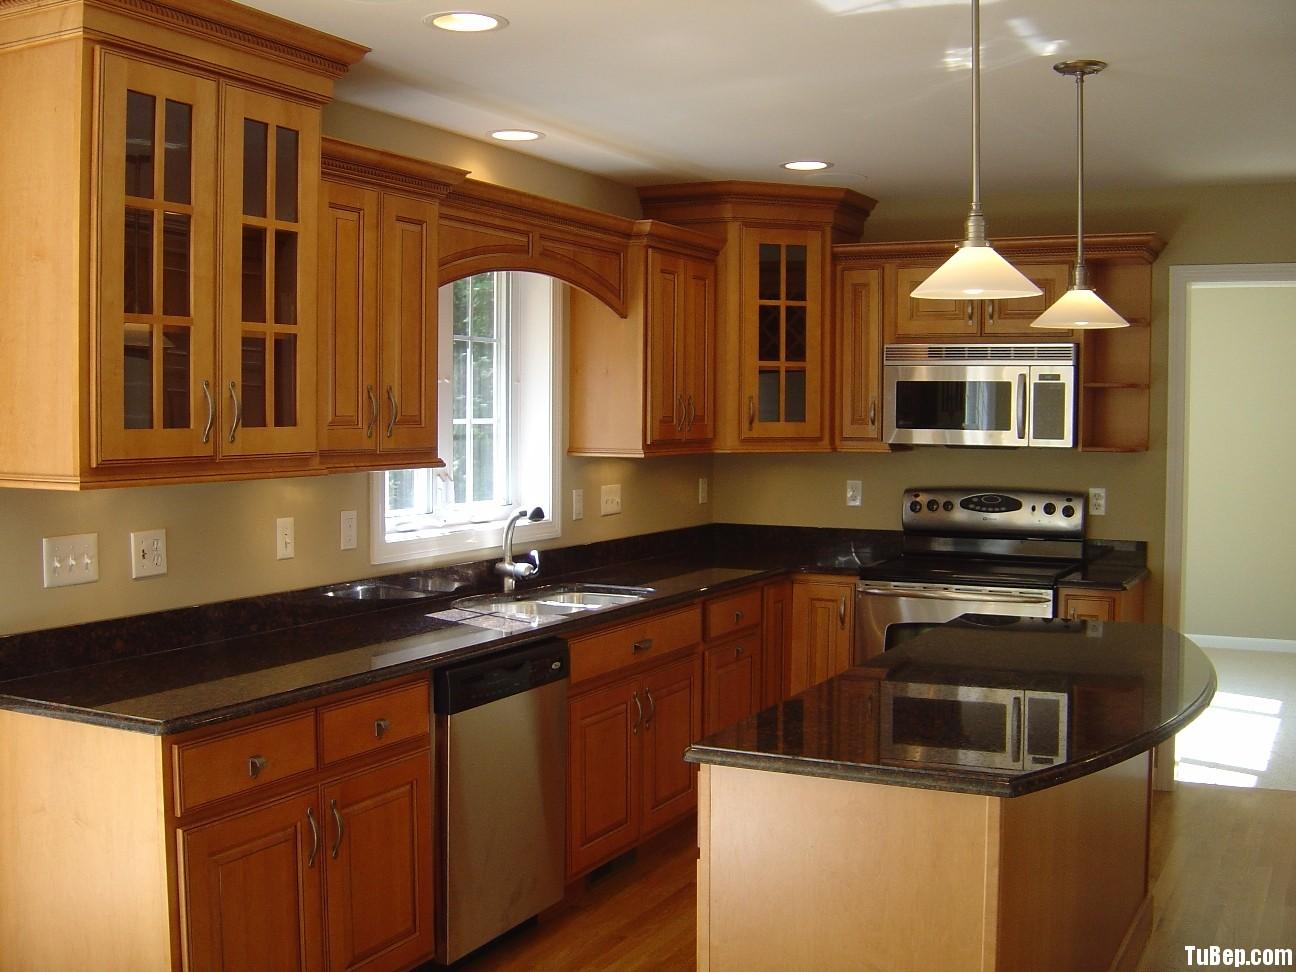 inspire ultra luxury kitchen ideas Tủ bếp gỗ xoan đào có đảo TBN0012